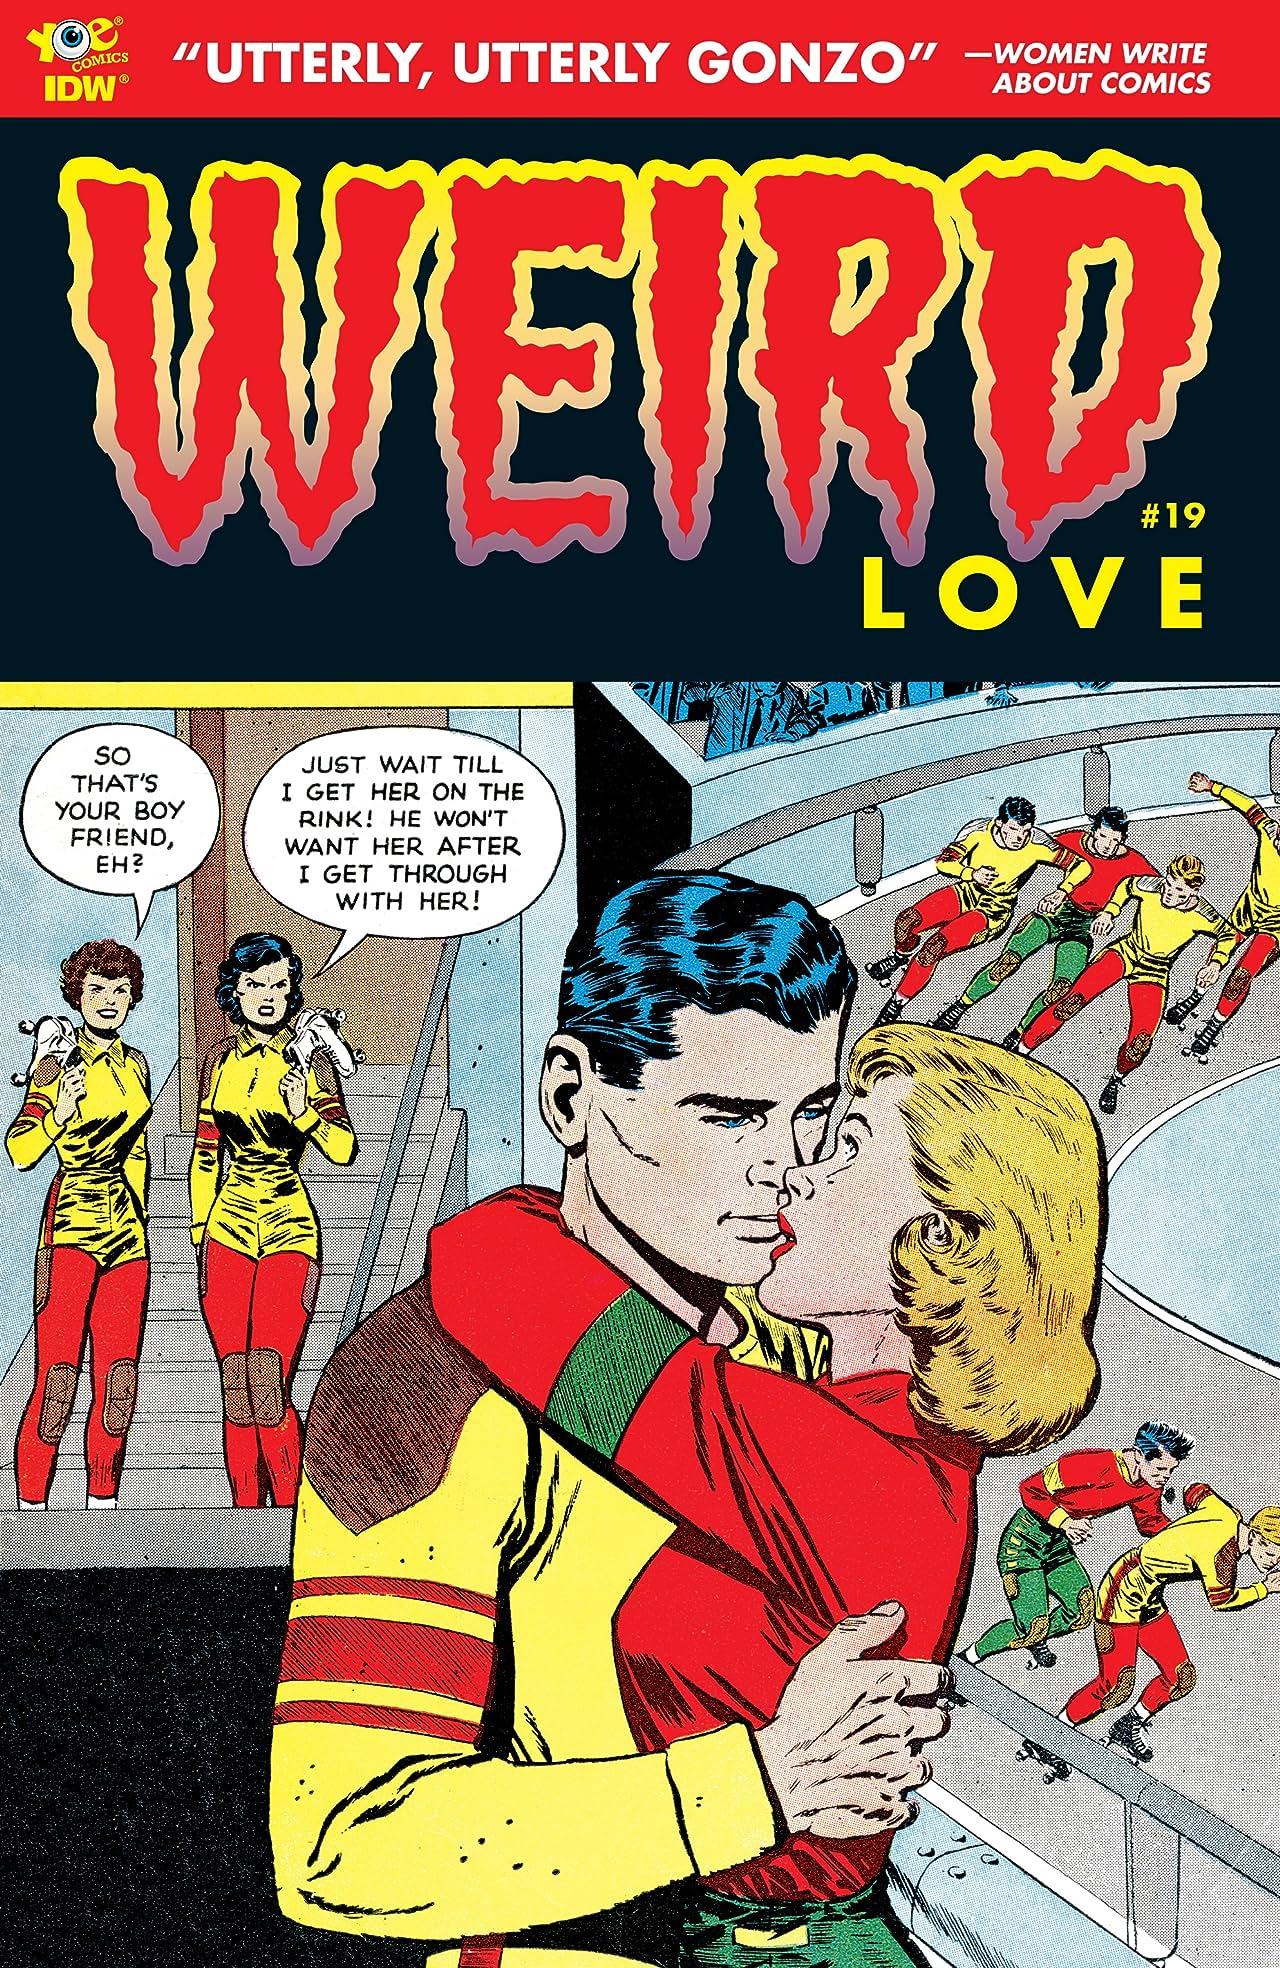 WEIRD Love #19